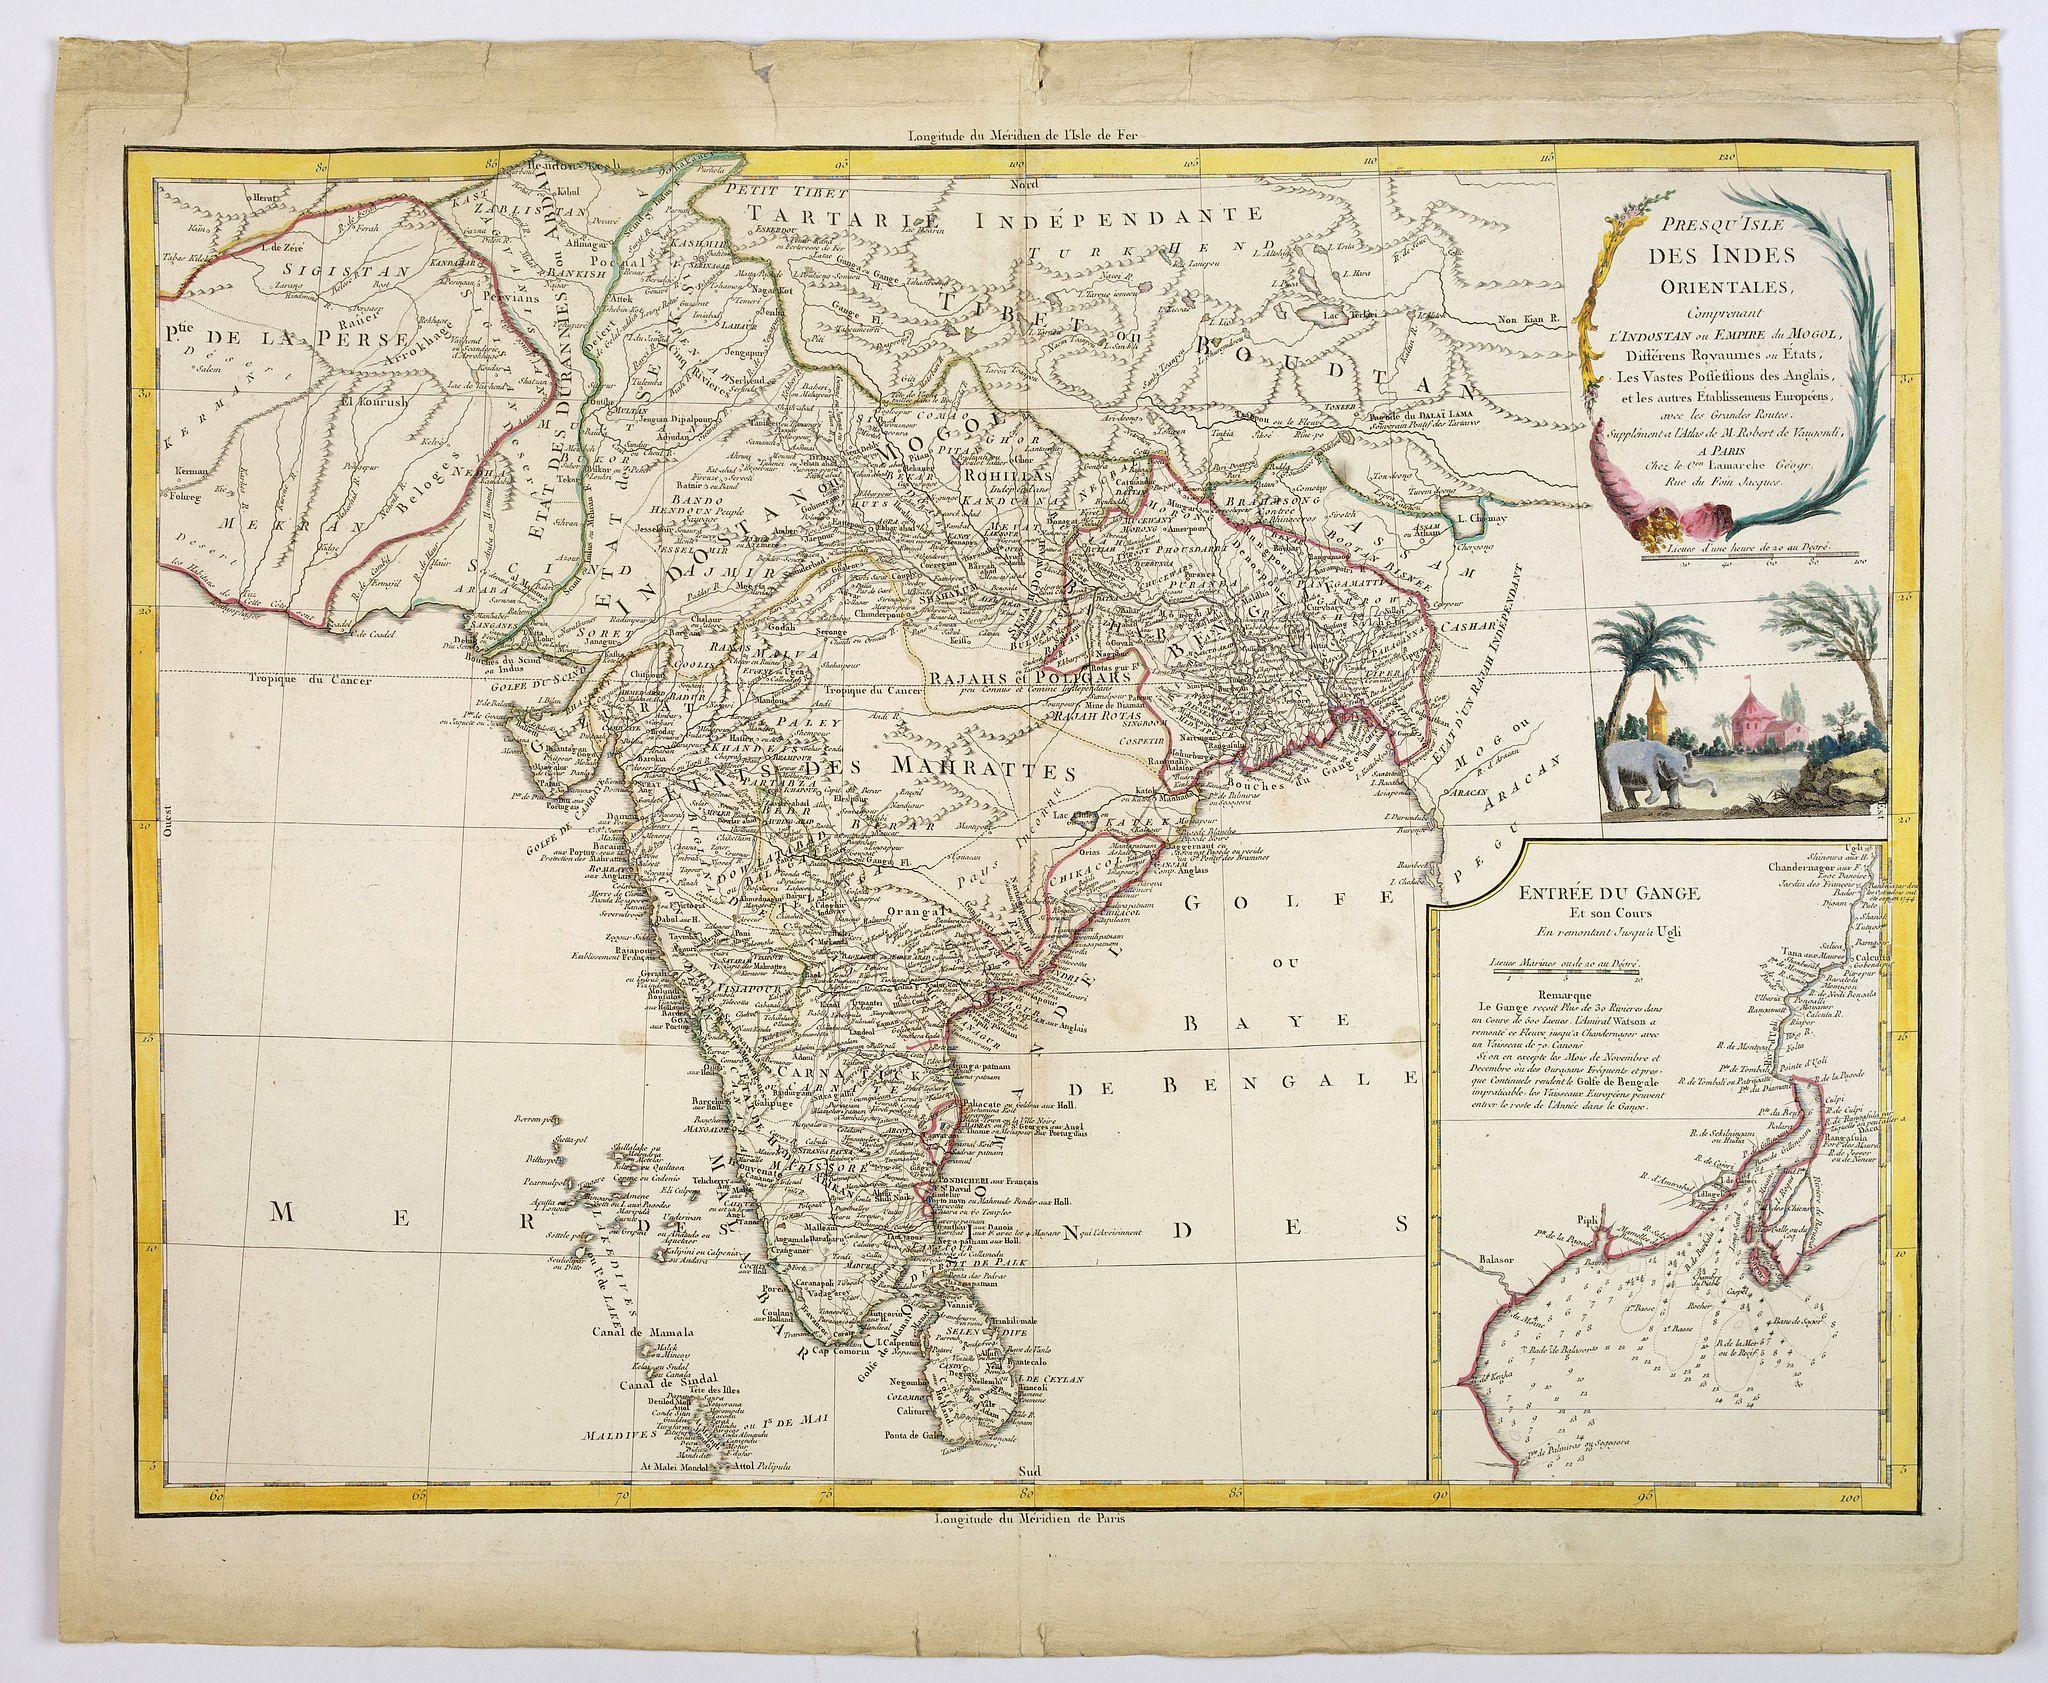 VAUGONDY, R. de / DELAMARCHE - Presqu 'Isle Des Indes Orientales. . .